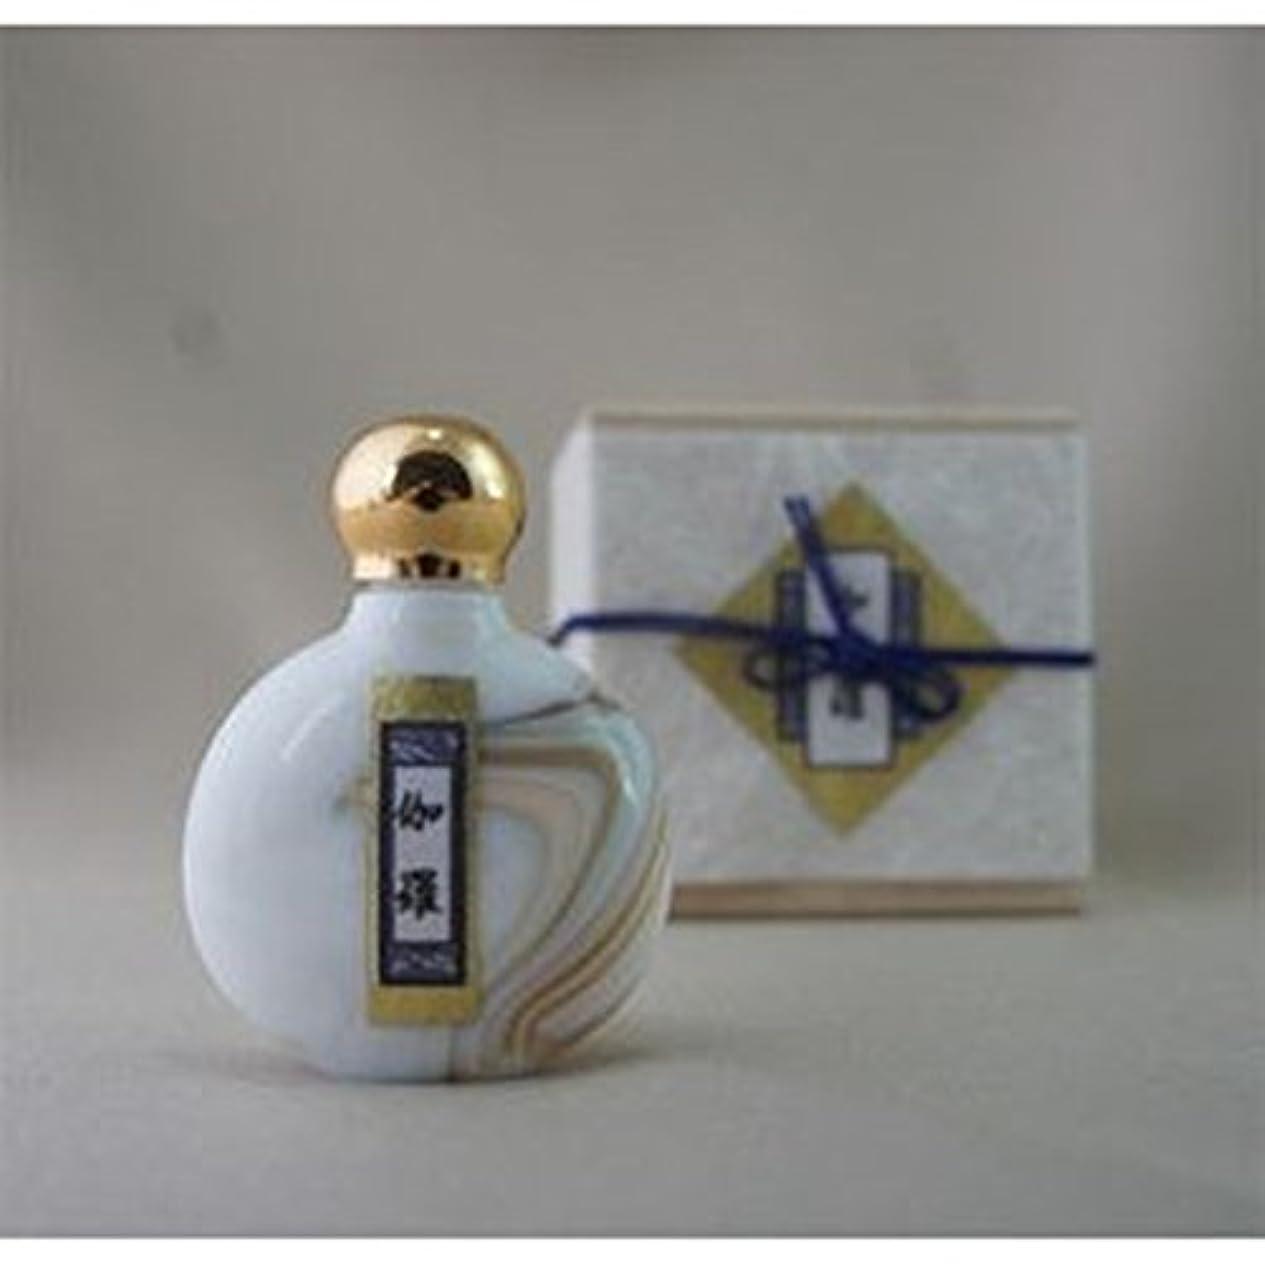 マーチャンダイジング理解する指標液体香木perfume (伽羅)